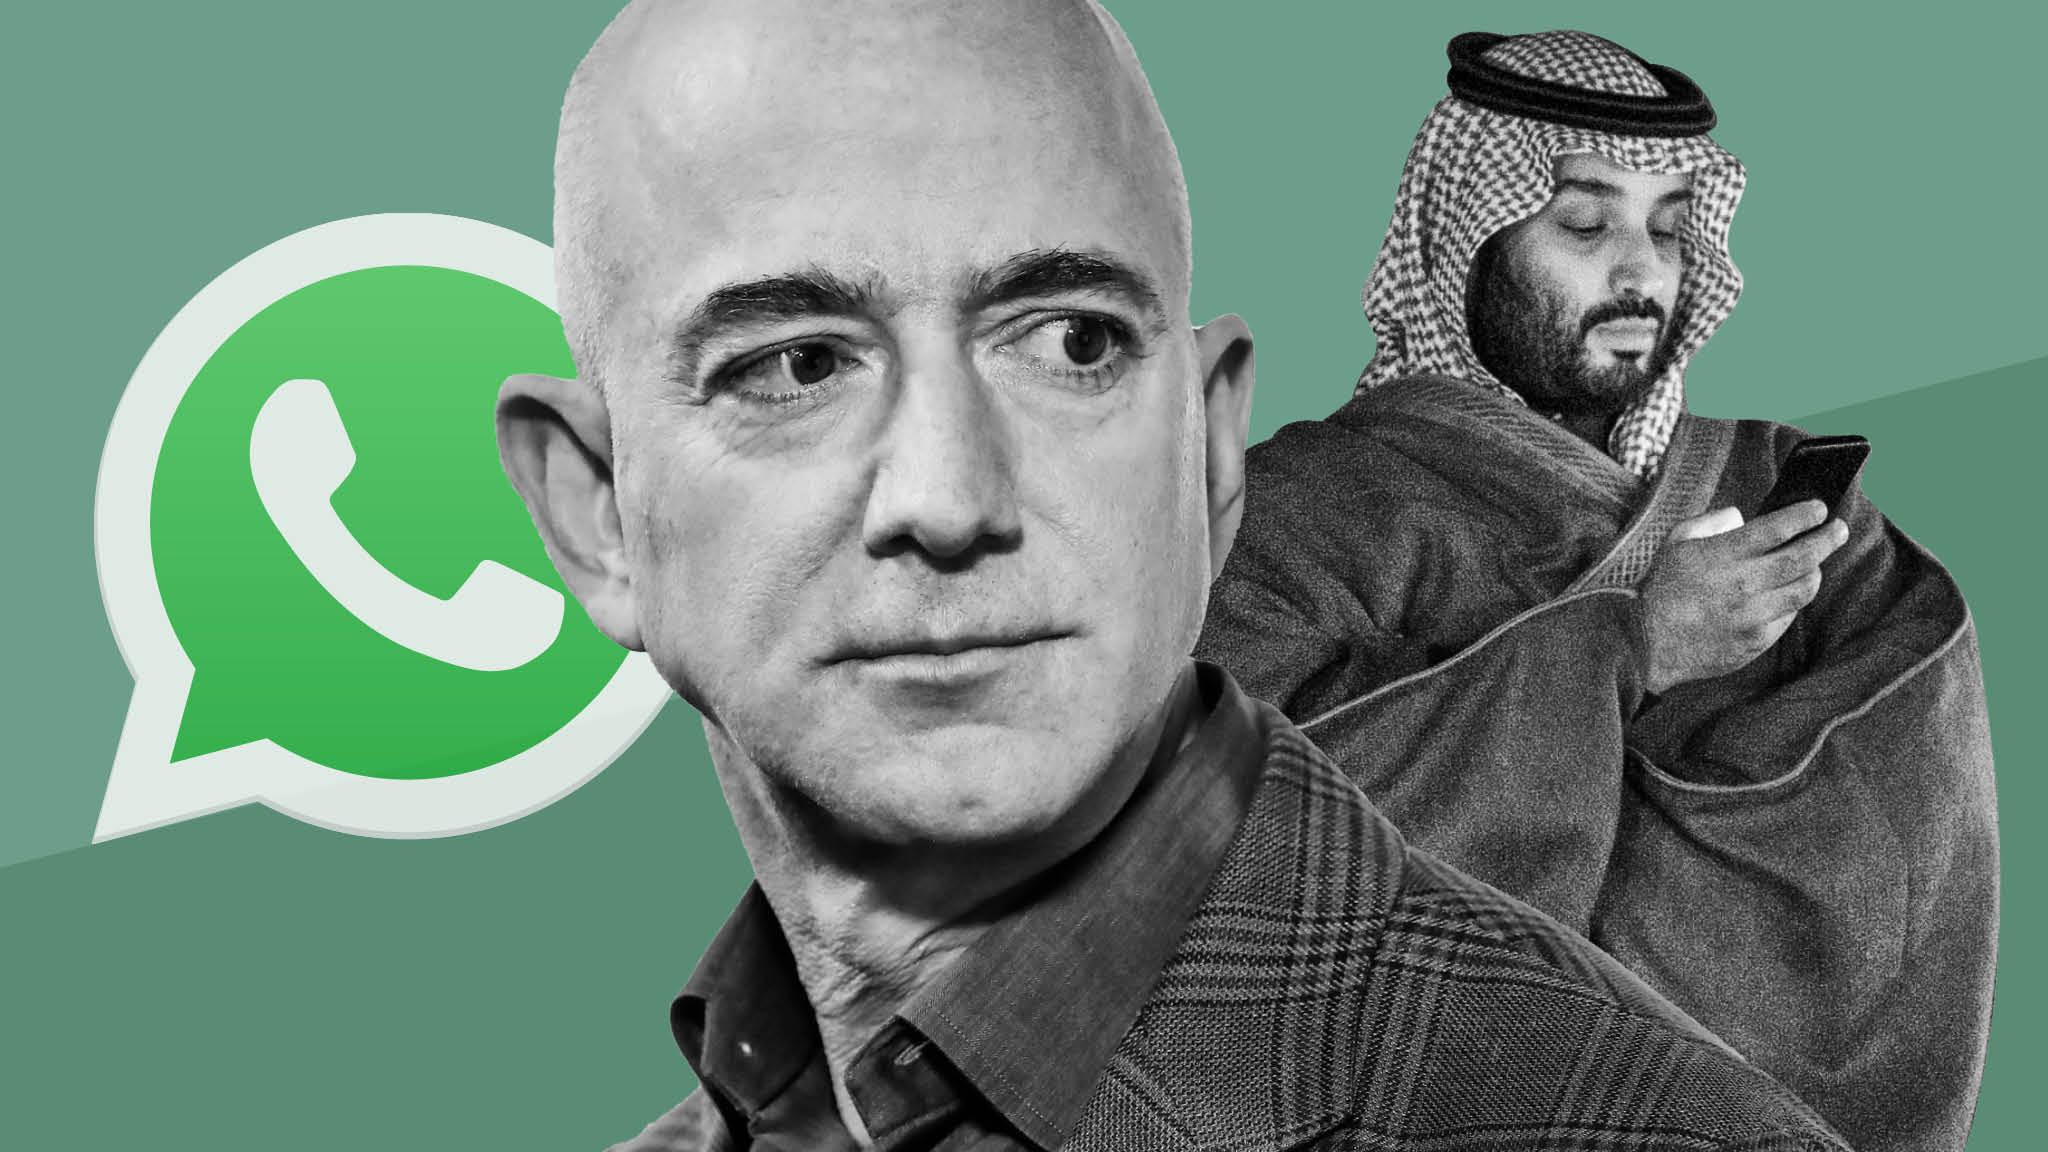 آیا شاهزاده عربستان سعودی قصد هک جف بزوس را داشته است؟ 1